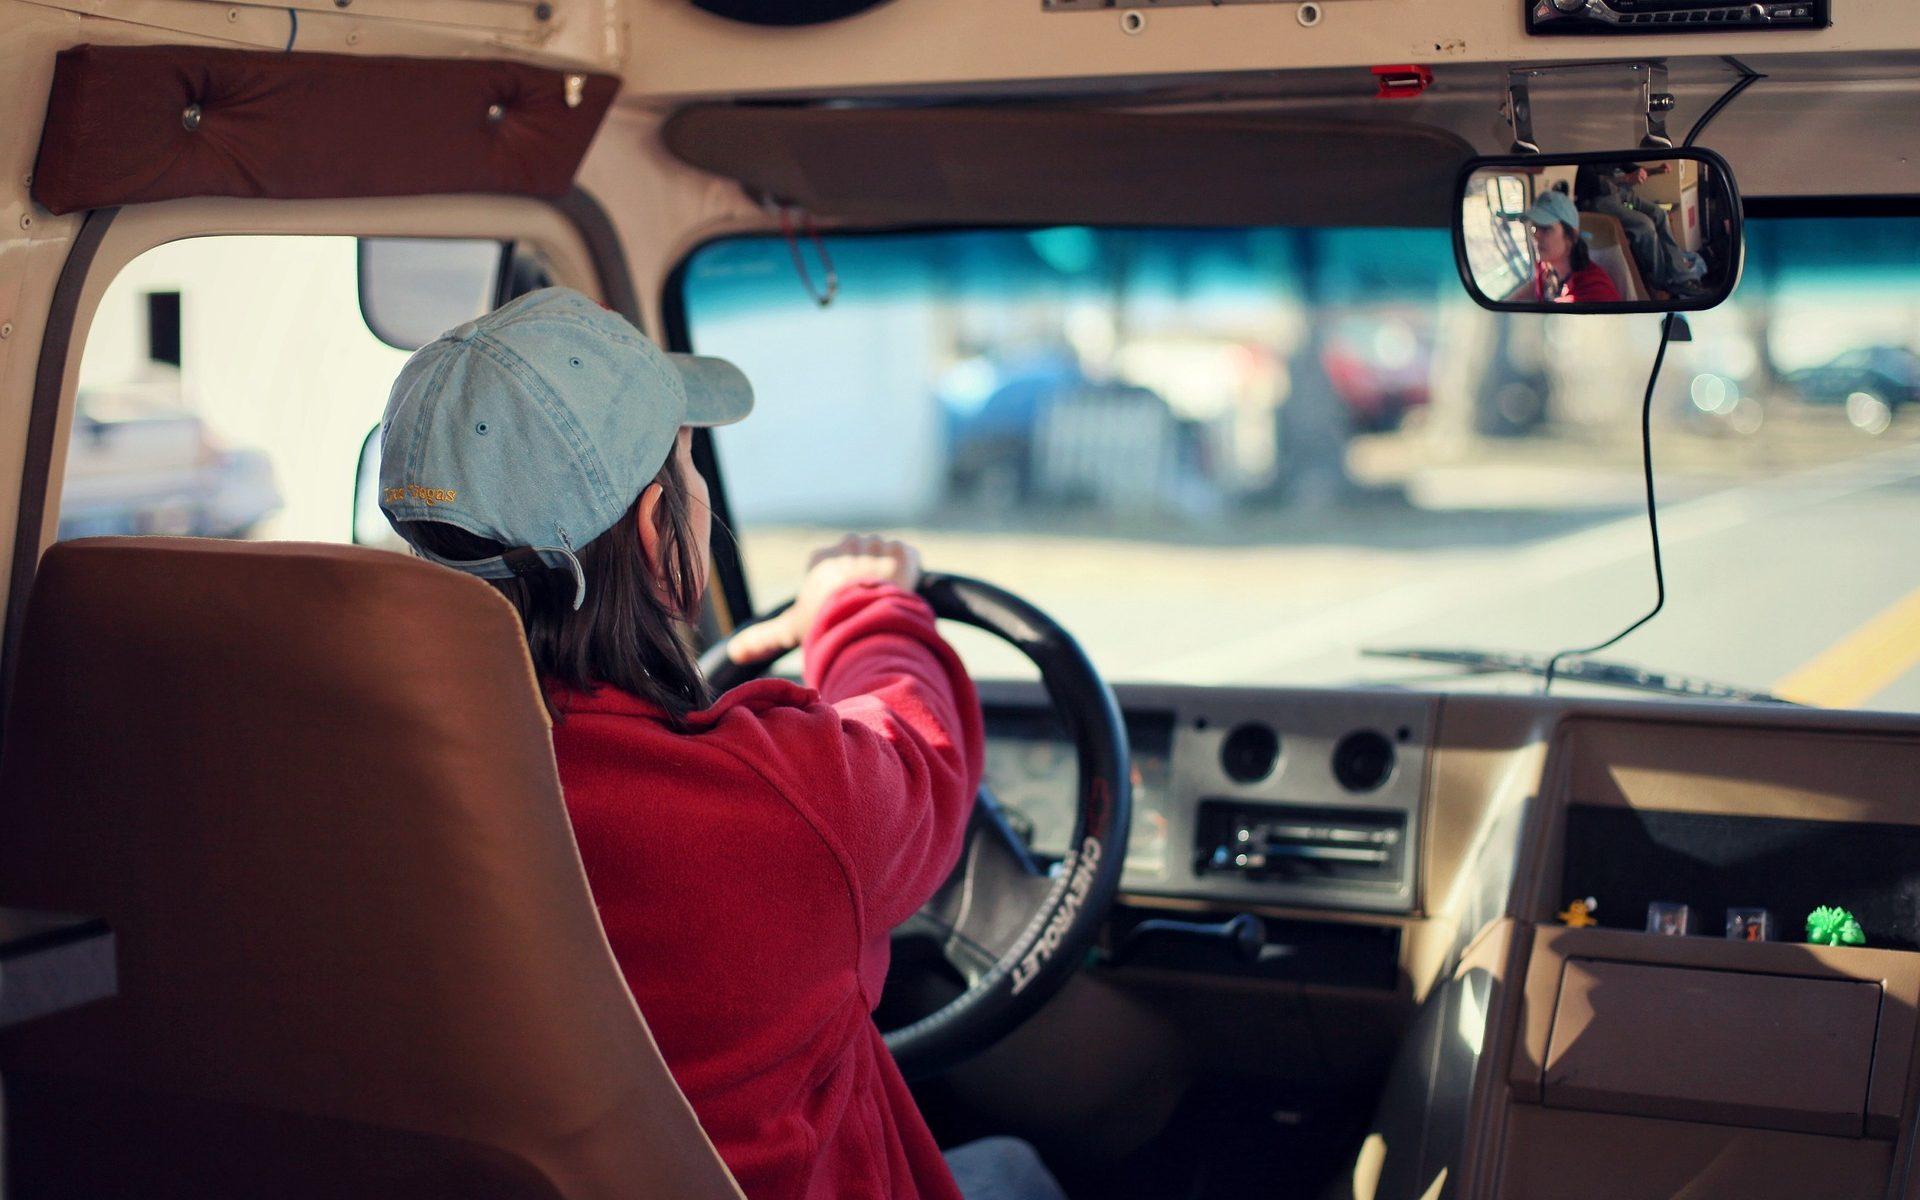 Driver-header image